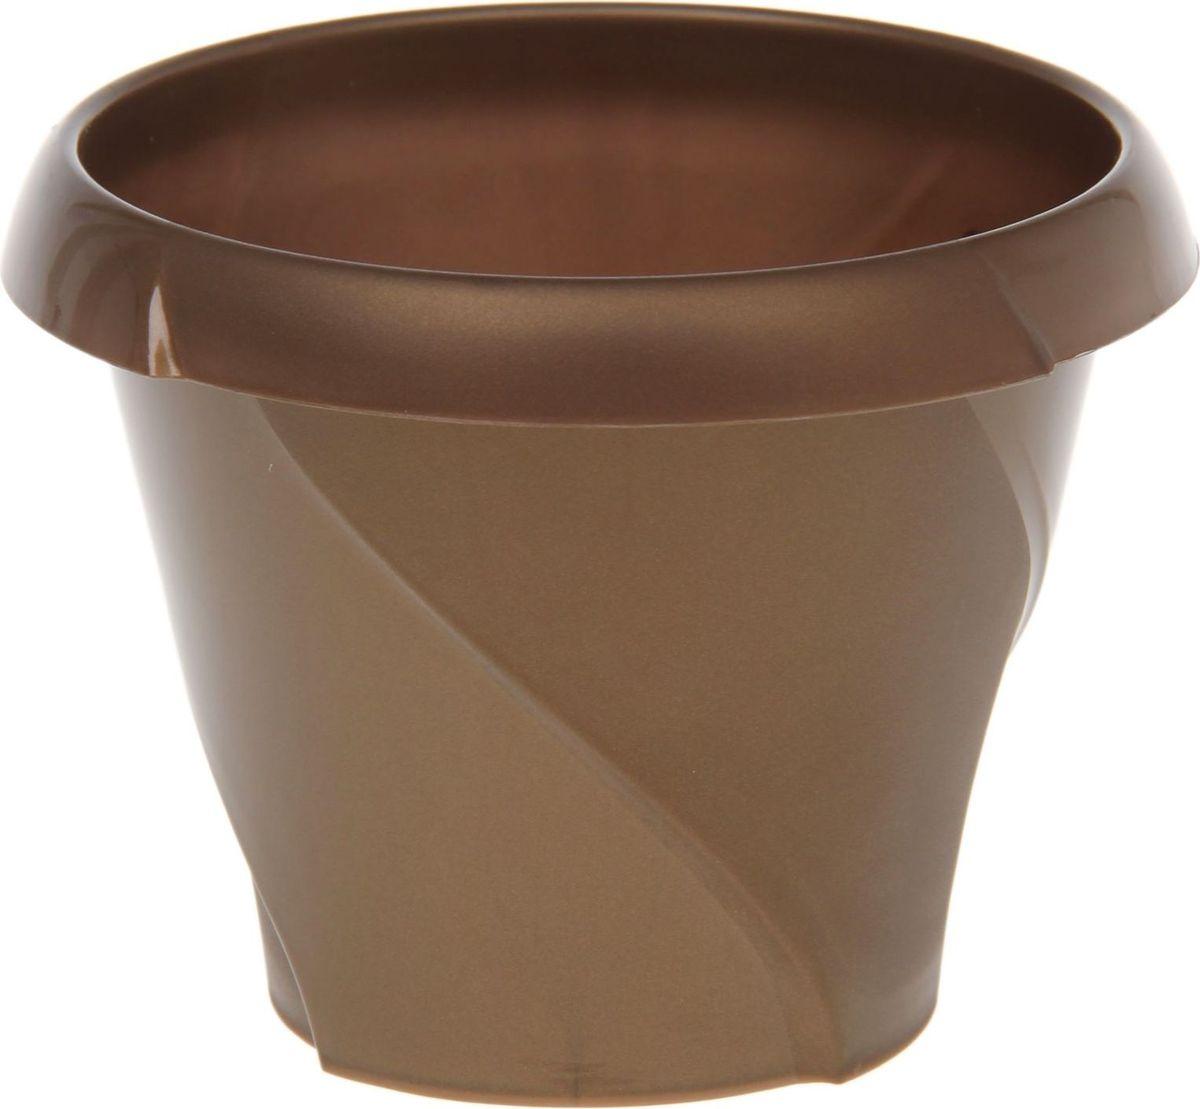 Кашпо Martika Флориана, цвет: золотистый, 0,3 л531-103Любой, даже самый современный и продуманный интерьер будет не завершённым без растений. Они не только очищают воздух и насыщают его кислородом, но и заметно украшают окружающее пространство. Такому полезному члену семьи просто необходимо красивое и функциональное кашпо, оригинальный горшок или необычная ваза! Мы предлагаем - Кашпо 300 мл Флориана, d=10 см, цвет золотой! Оптимальный выбор материала пластмасса! Почему мы так считаем? -Малый вес. С лёгкостью переносите горшки и кашпо с места на место, ставьте их на столики или полки, подвешивайте под потолок, не беспокоясь о нагрузке. -Простота ухода. Пластиковые изделия не нуждаются в специальных условиях хранения. Их легко чистить достаточно просто сполоснуть тёплой водой. -Никаких царапин. Пластиковые кашпо не царапают и не загрязняют поверхности, на которых стоят. -Пластик дольше хранит влагу, а значит растение реже нуждается в поливе. -Пластмасса не пропускает воздух корневой системе растения не грозят резкие перепады температур. -Огромный выбор форм, декора и расцветок вы без труда подберёте что-то, что идеально впишется в уже существующий интерьер. Соблюдая нехитрые правила ухода, вы можете заметно продлить срок службы горшков, вазонов и кашпо из пластика: -всегда учитывайте размер кроны и корневой системы растения (при разрастании большое растение способно повредить маленький горшок)-берегите изделие от воздействия прямых солнечных лучей, чтобы кашпо и горшки не выцветали-держите кашпо и горшки из пластика подальше от нагревающихся поверхностей. Создавайте прекрасные цветочные композиции, выращивайте рассаду или необычные растения, а низкие цены позволят вам не ограничивать себя в выборе.